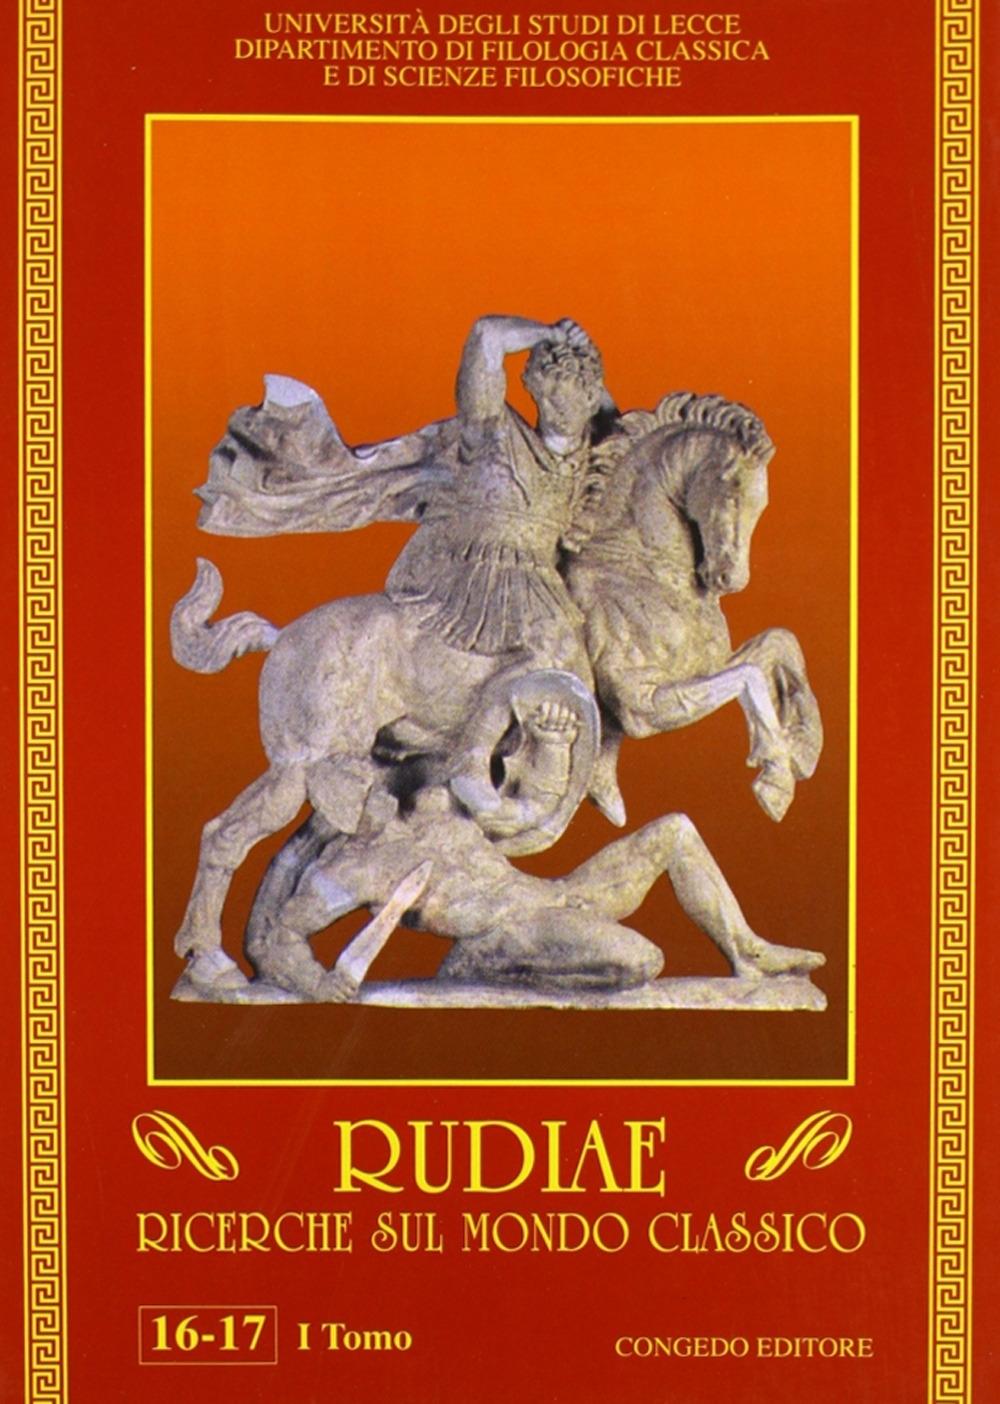 Rudiae. Ricerche sul mondo classico vol. 16-17